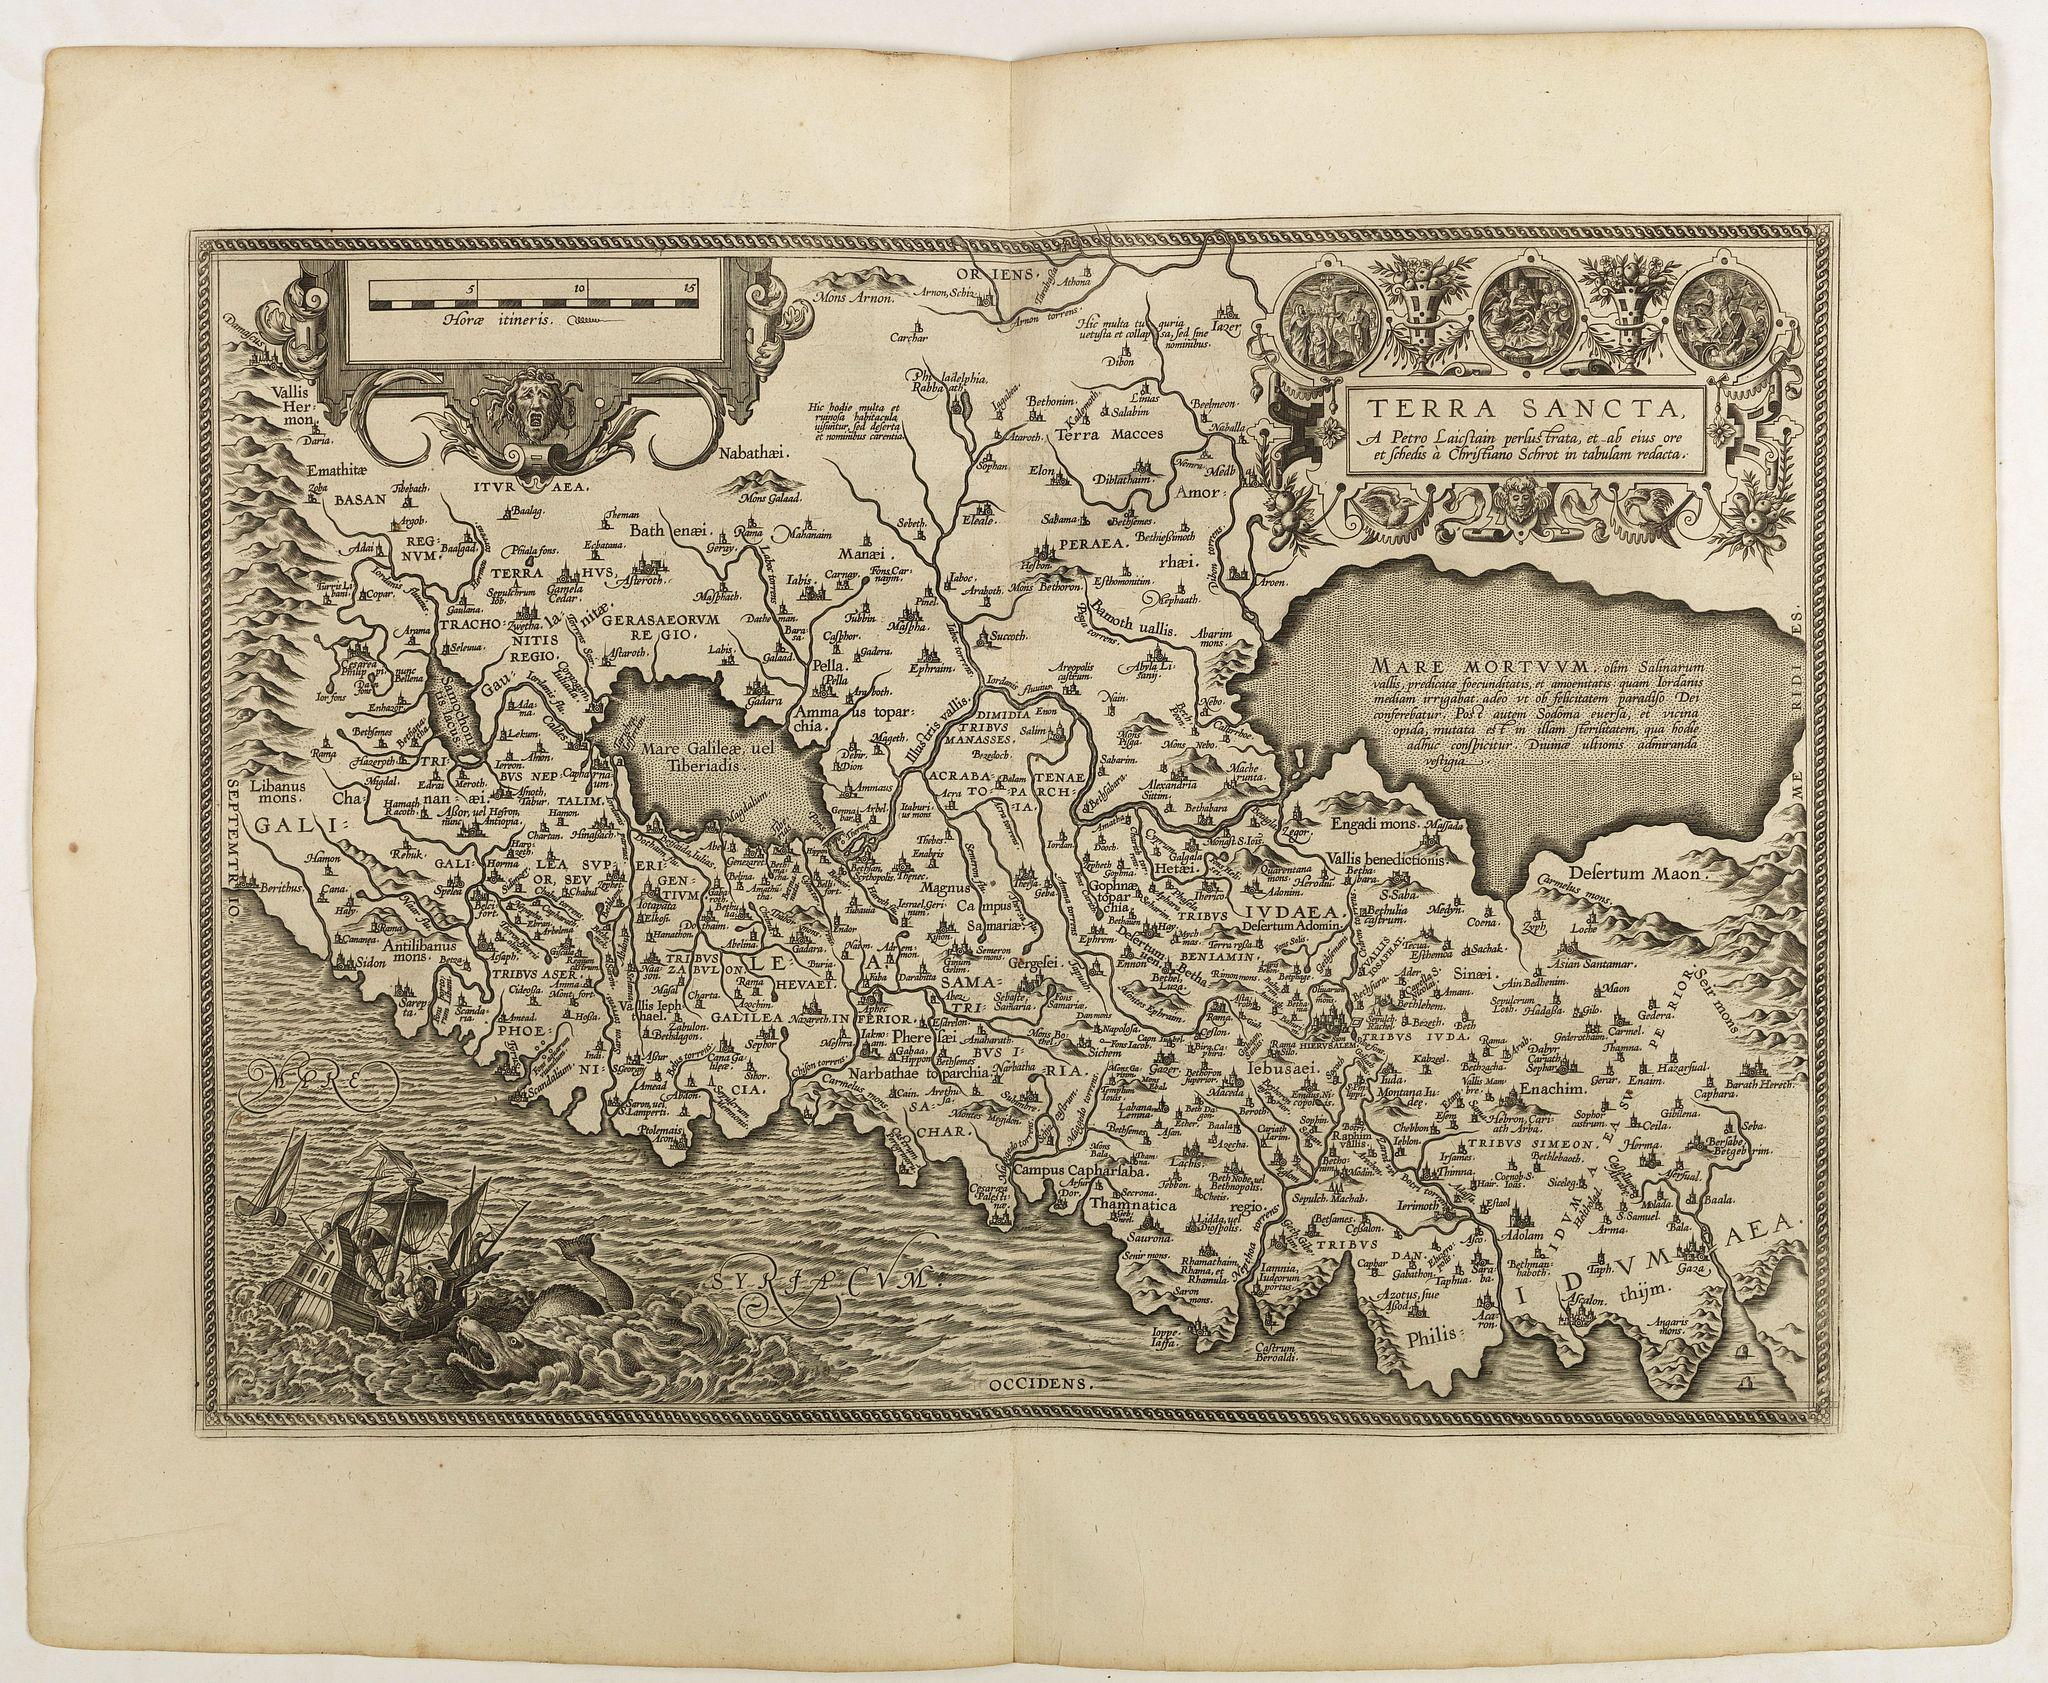 ORTELIUS, A. -  Terra Sancta A Petro Laicstain perlustrata, et ab eius ore